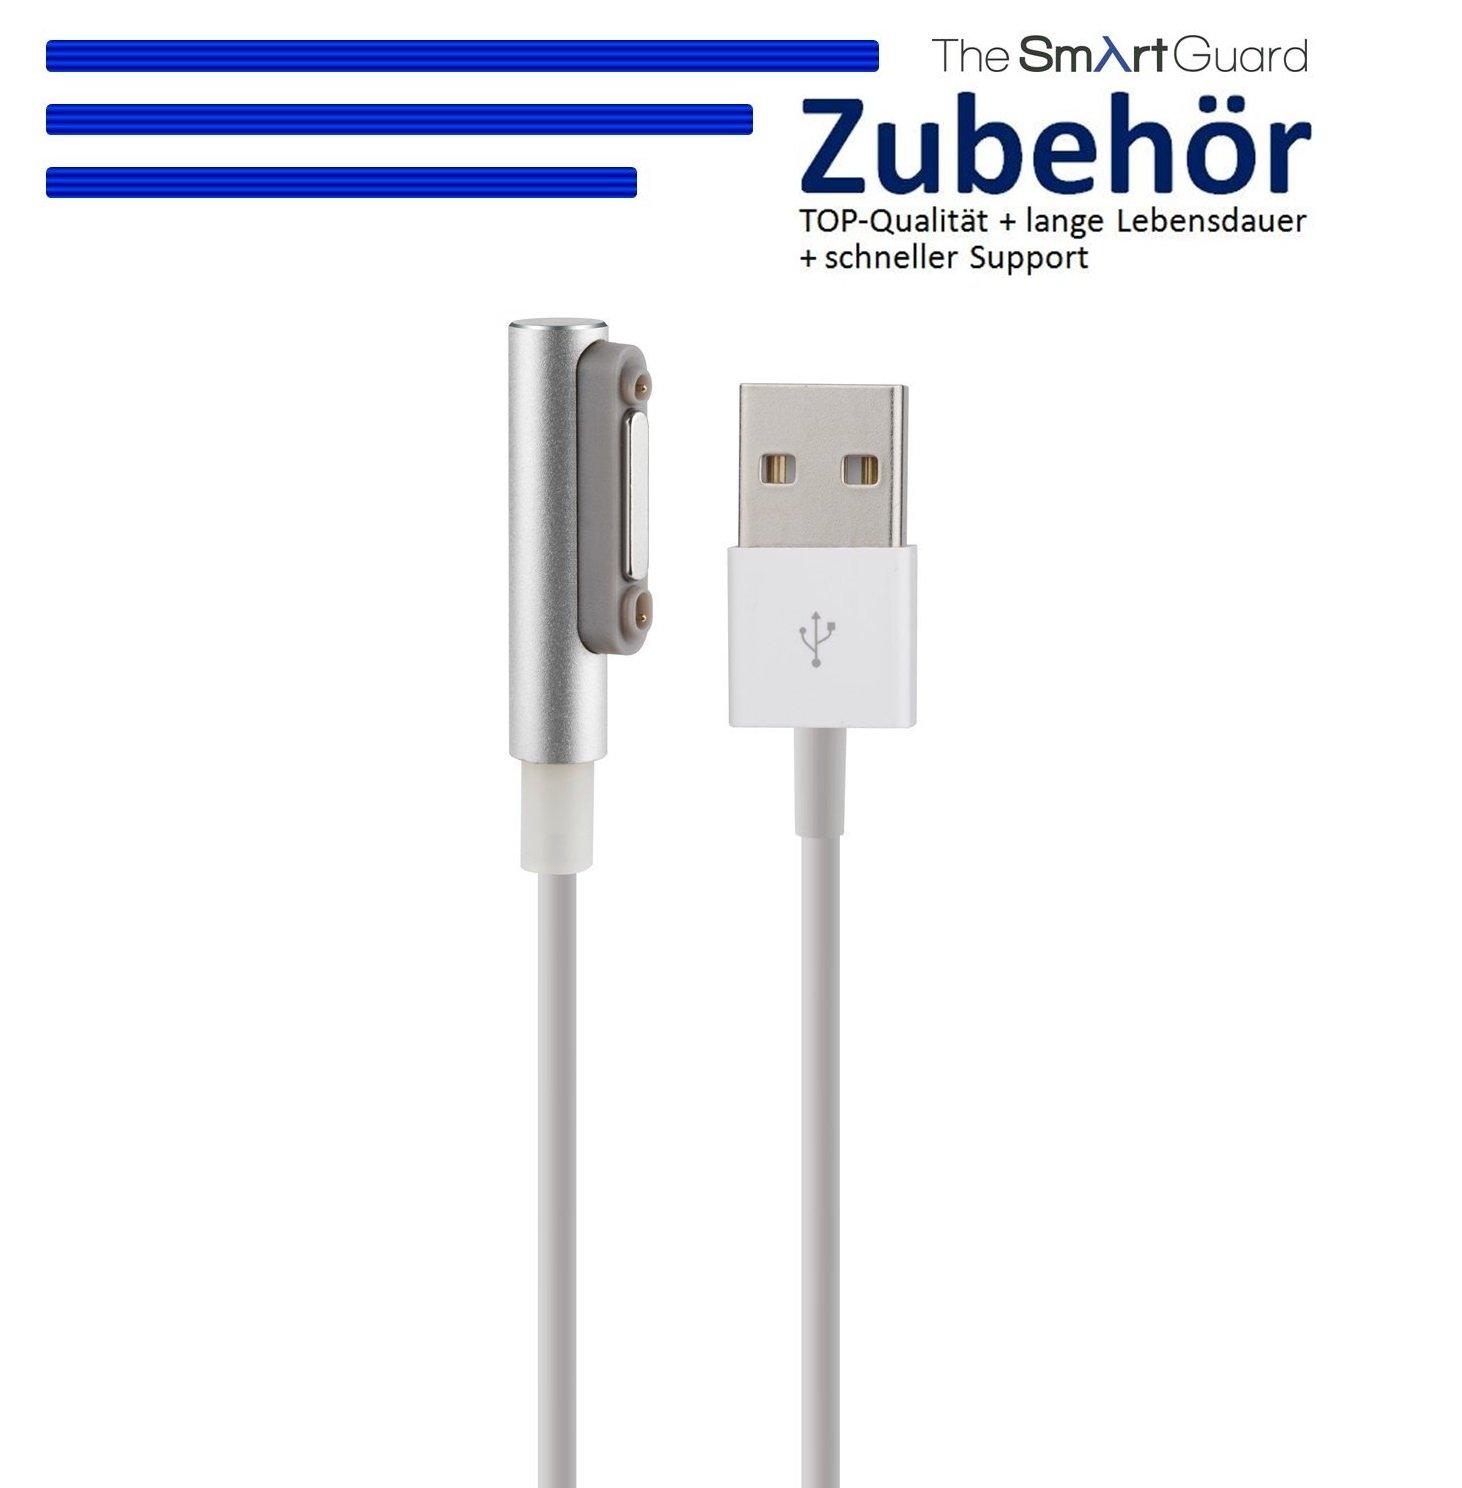 TheSmartGuard Ladekabel kompatibel f/ür Sony Xperia Z3 Compact Magnet Ladekabel und integrierter LED Anzeige f/ür den Ladestrom in Silber L/änge NEU mit /überarbeiteter Ladegeschwindigkeit! 1 Meter